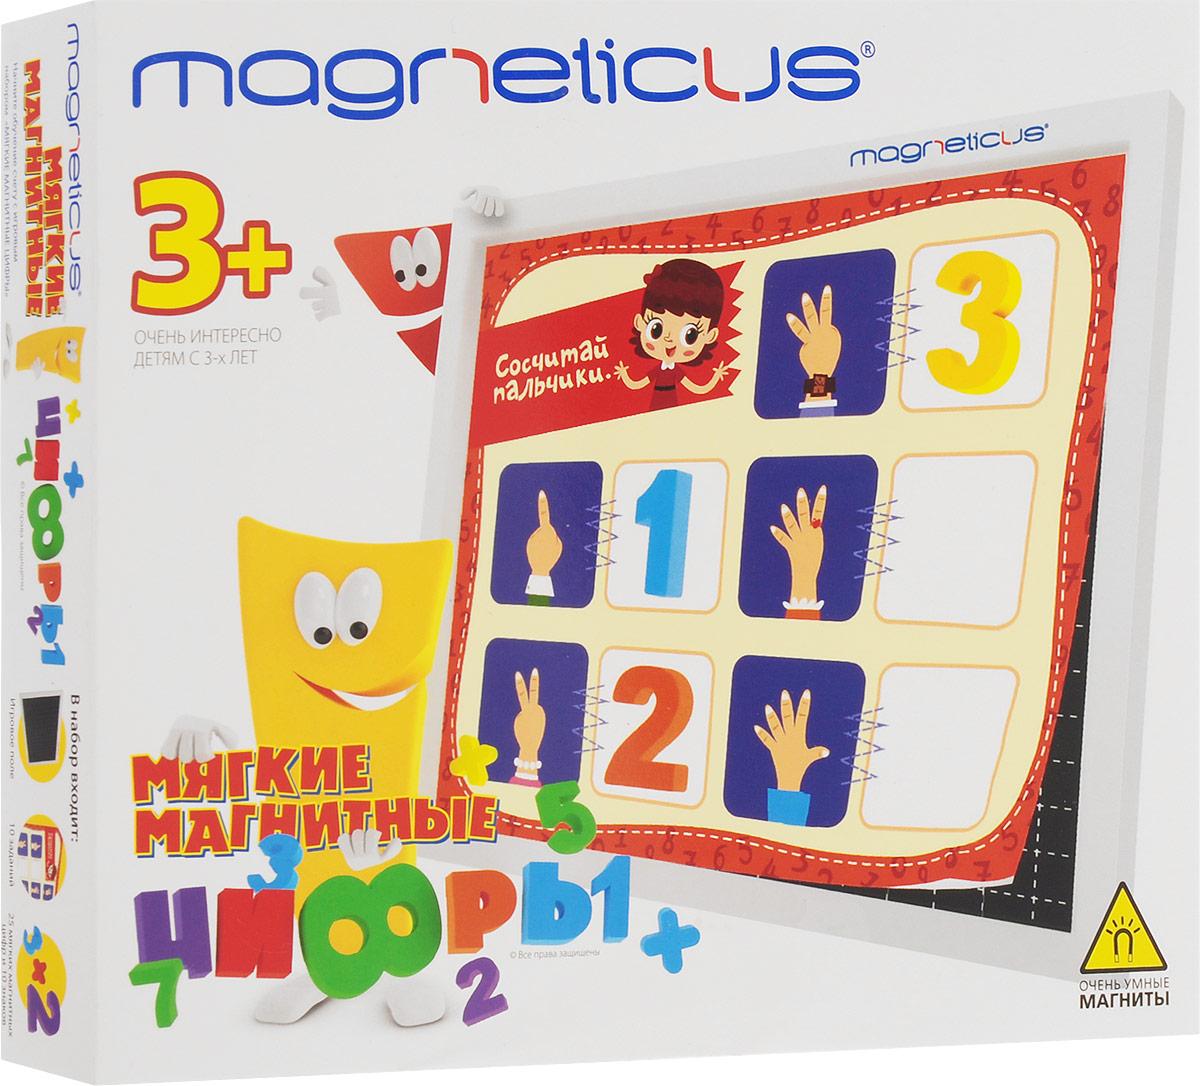 цена на Magneticus Обучающая игра Мягкие магнитные цифры